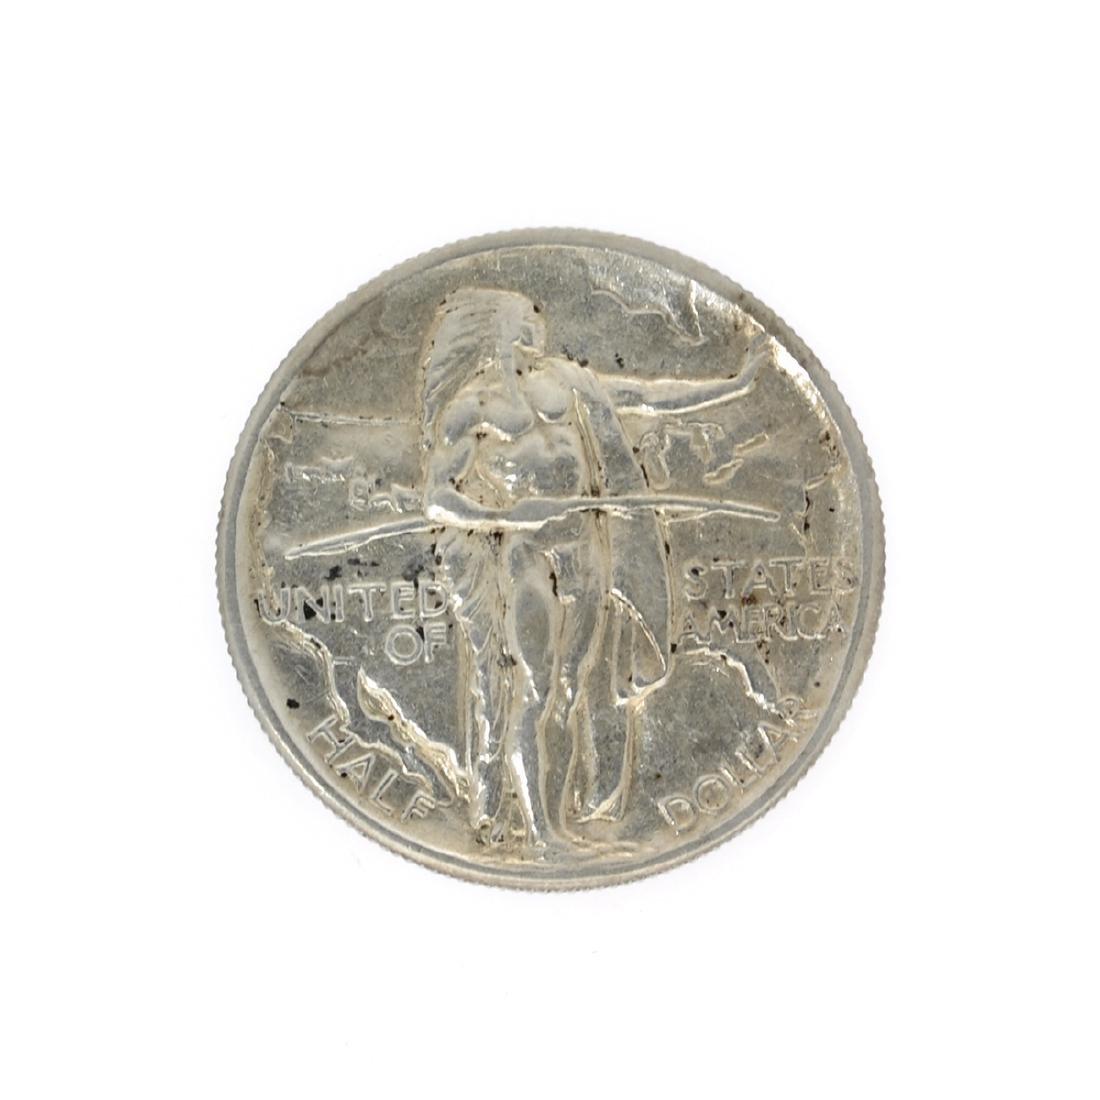 Rare 1926 Oregon Trail Commemorative Half Dollar Coin